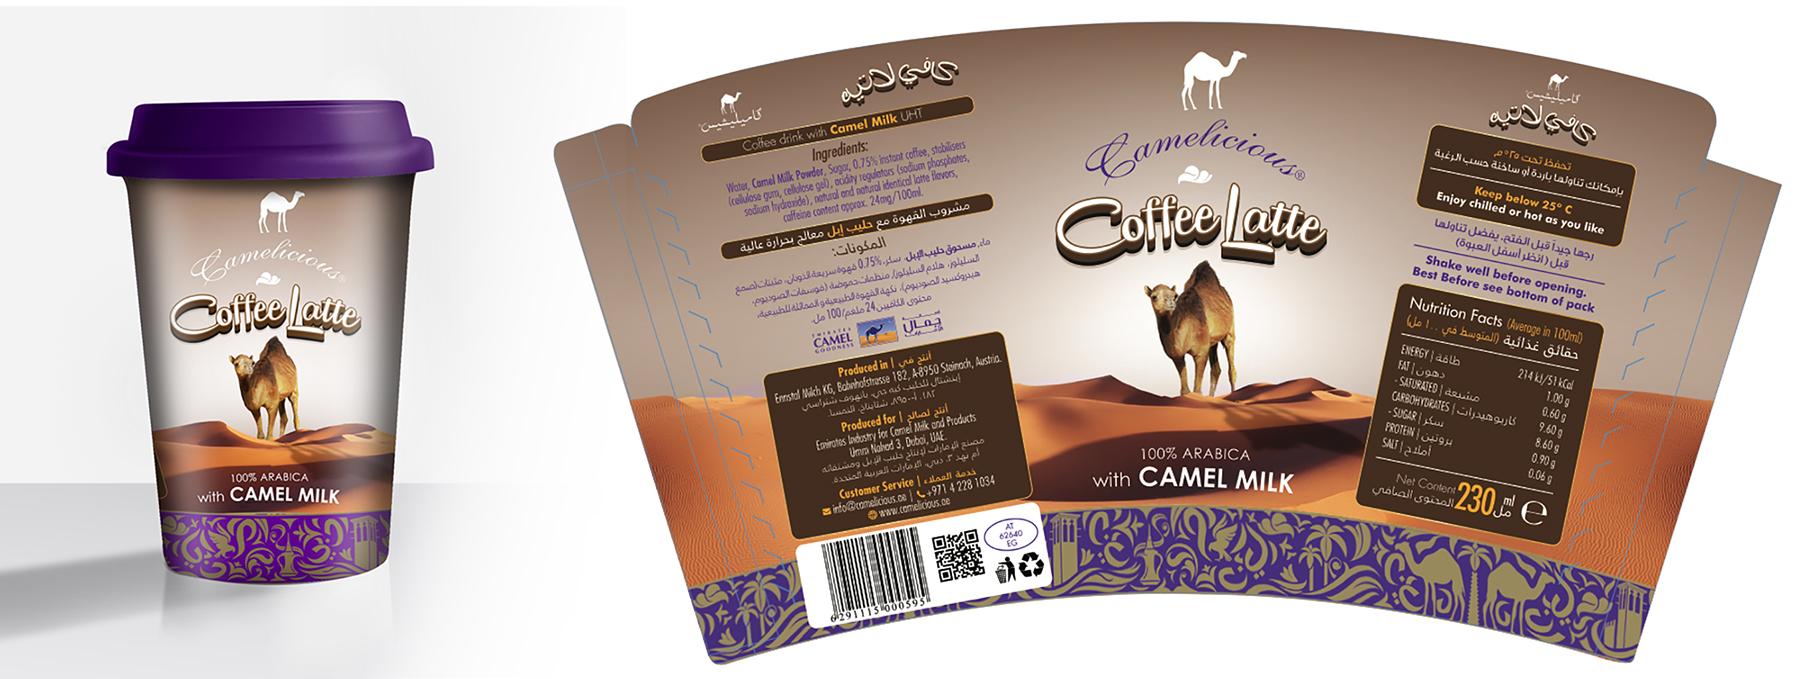 adin-camel9